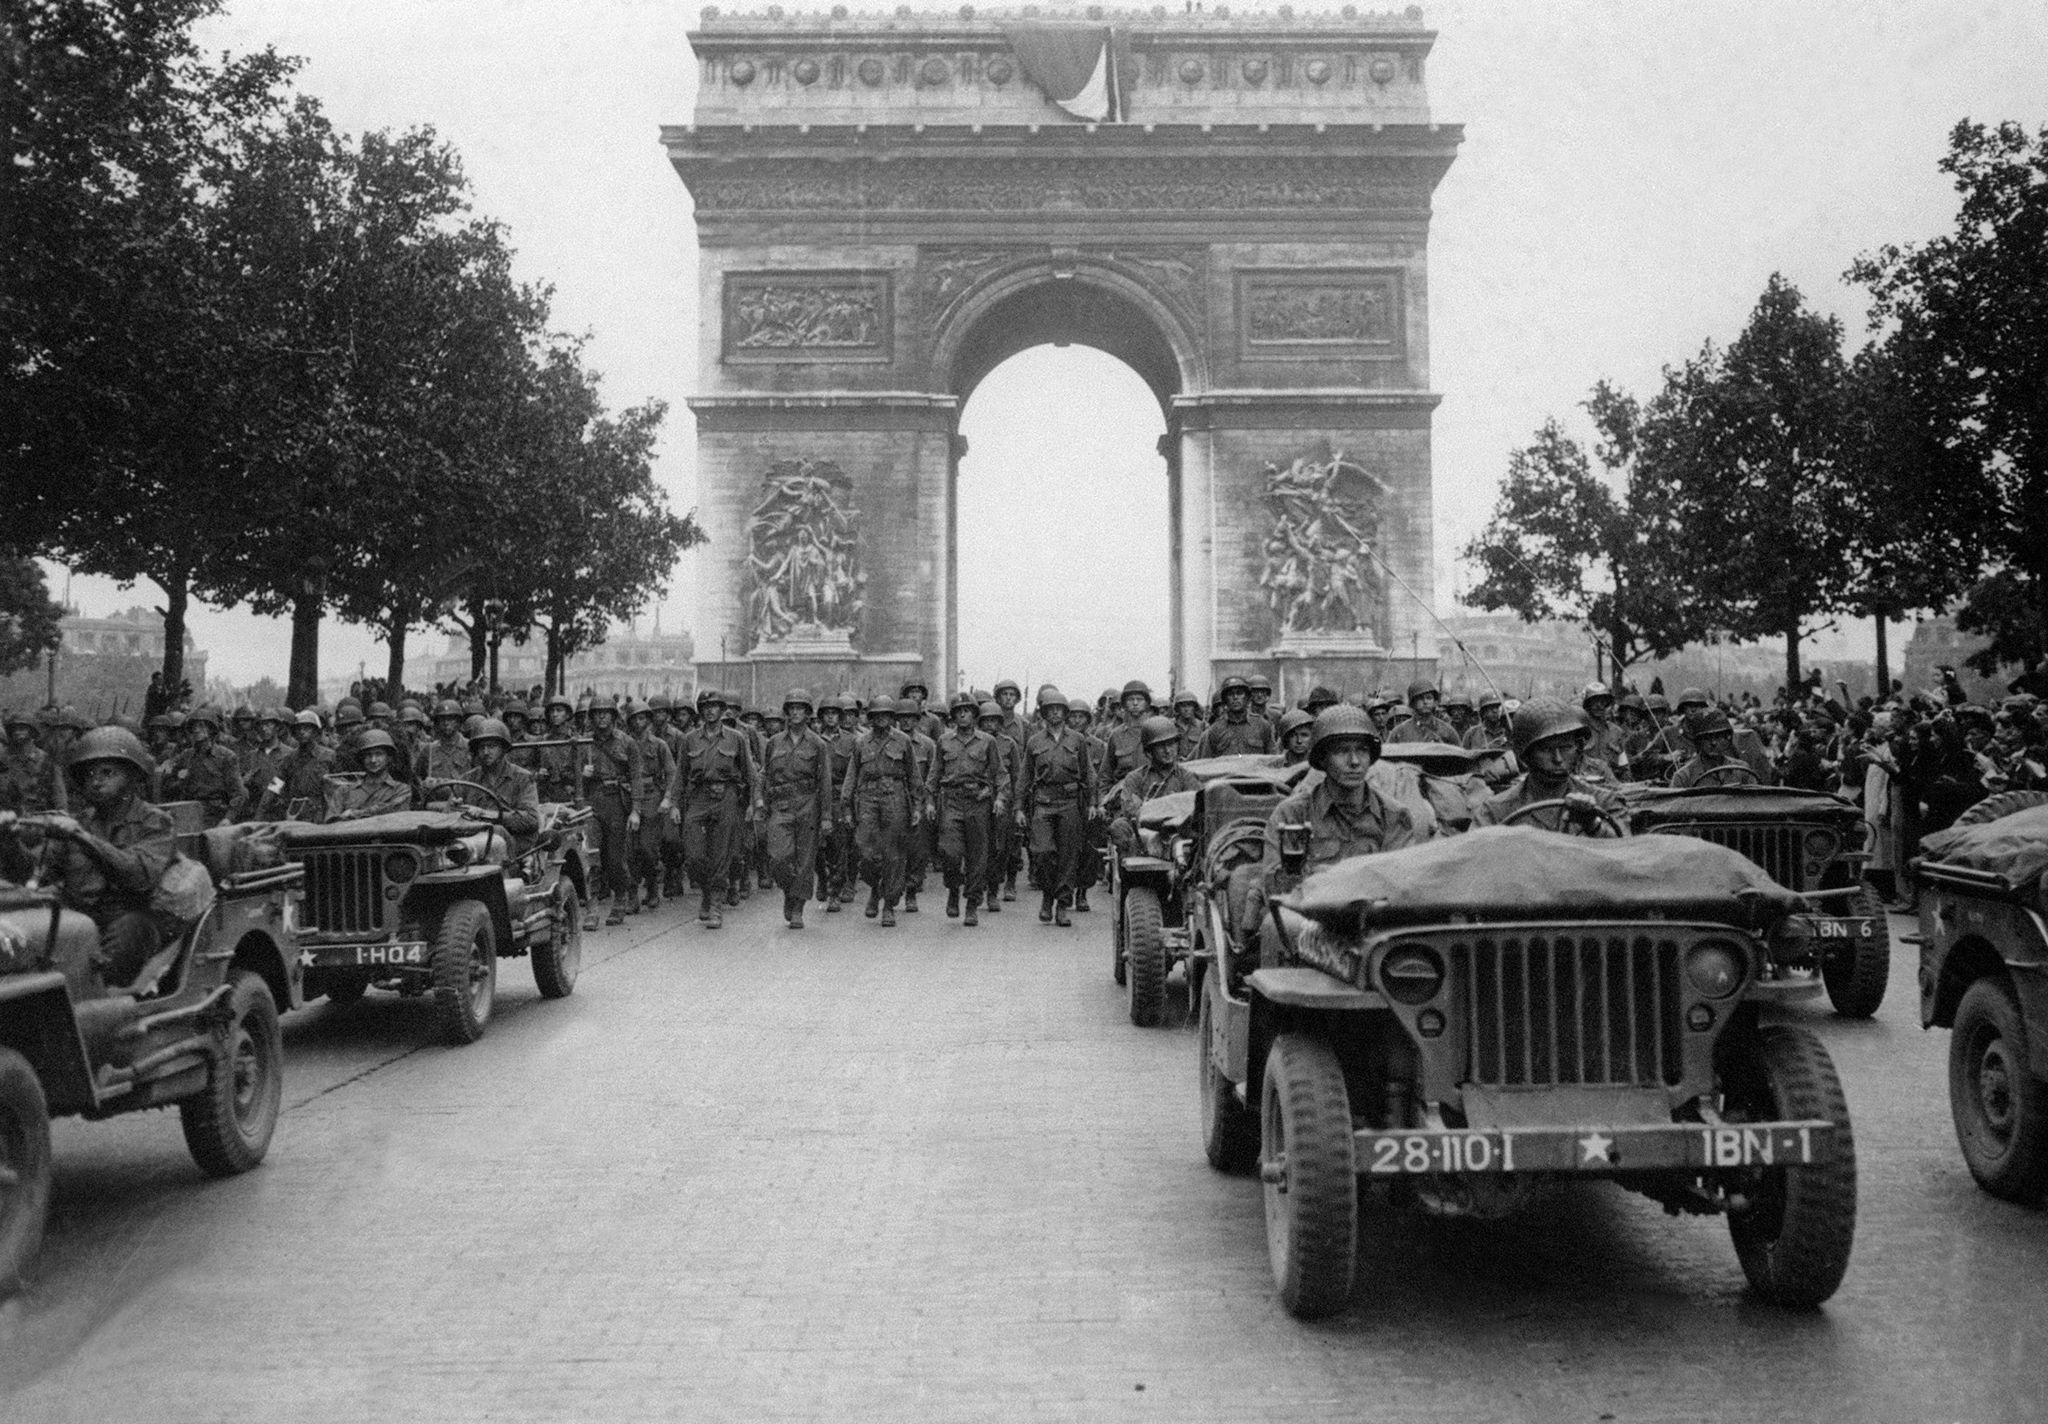 Párizs felszabadítása 1944 augusztusában volt a szövetséges erők részéről, amely befejezte a második világháborút